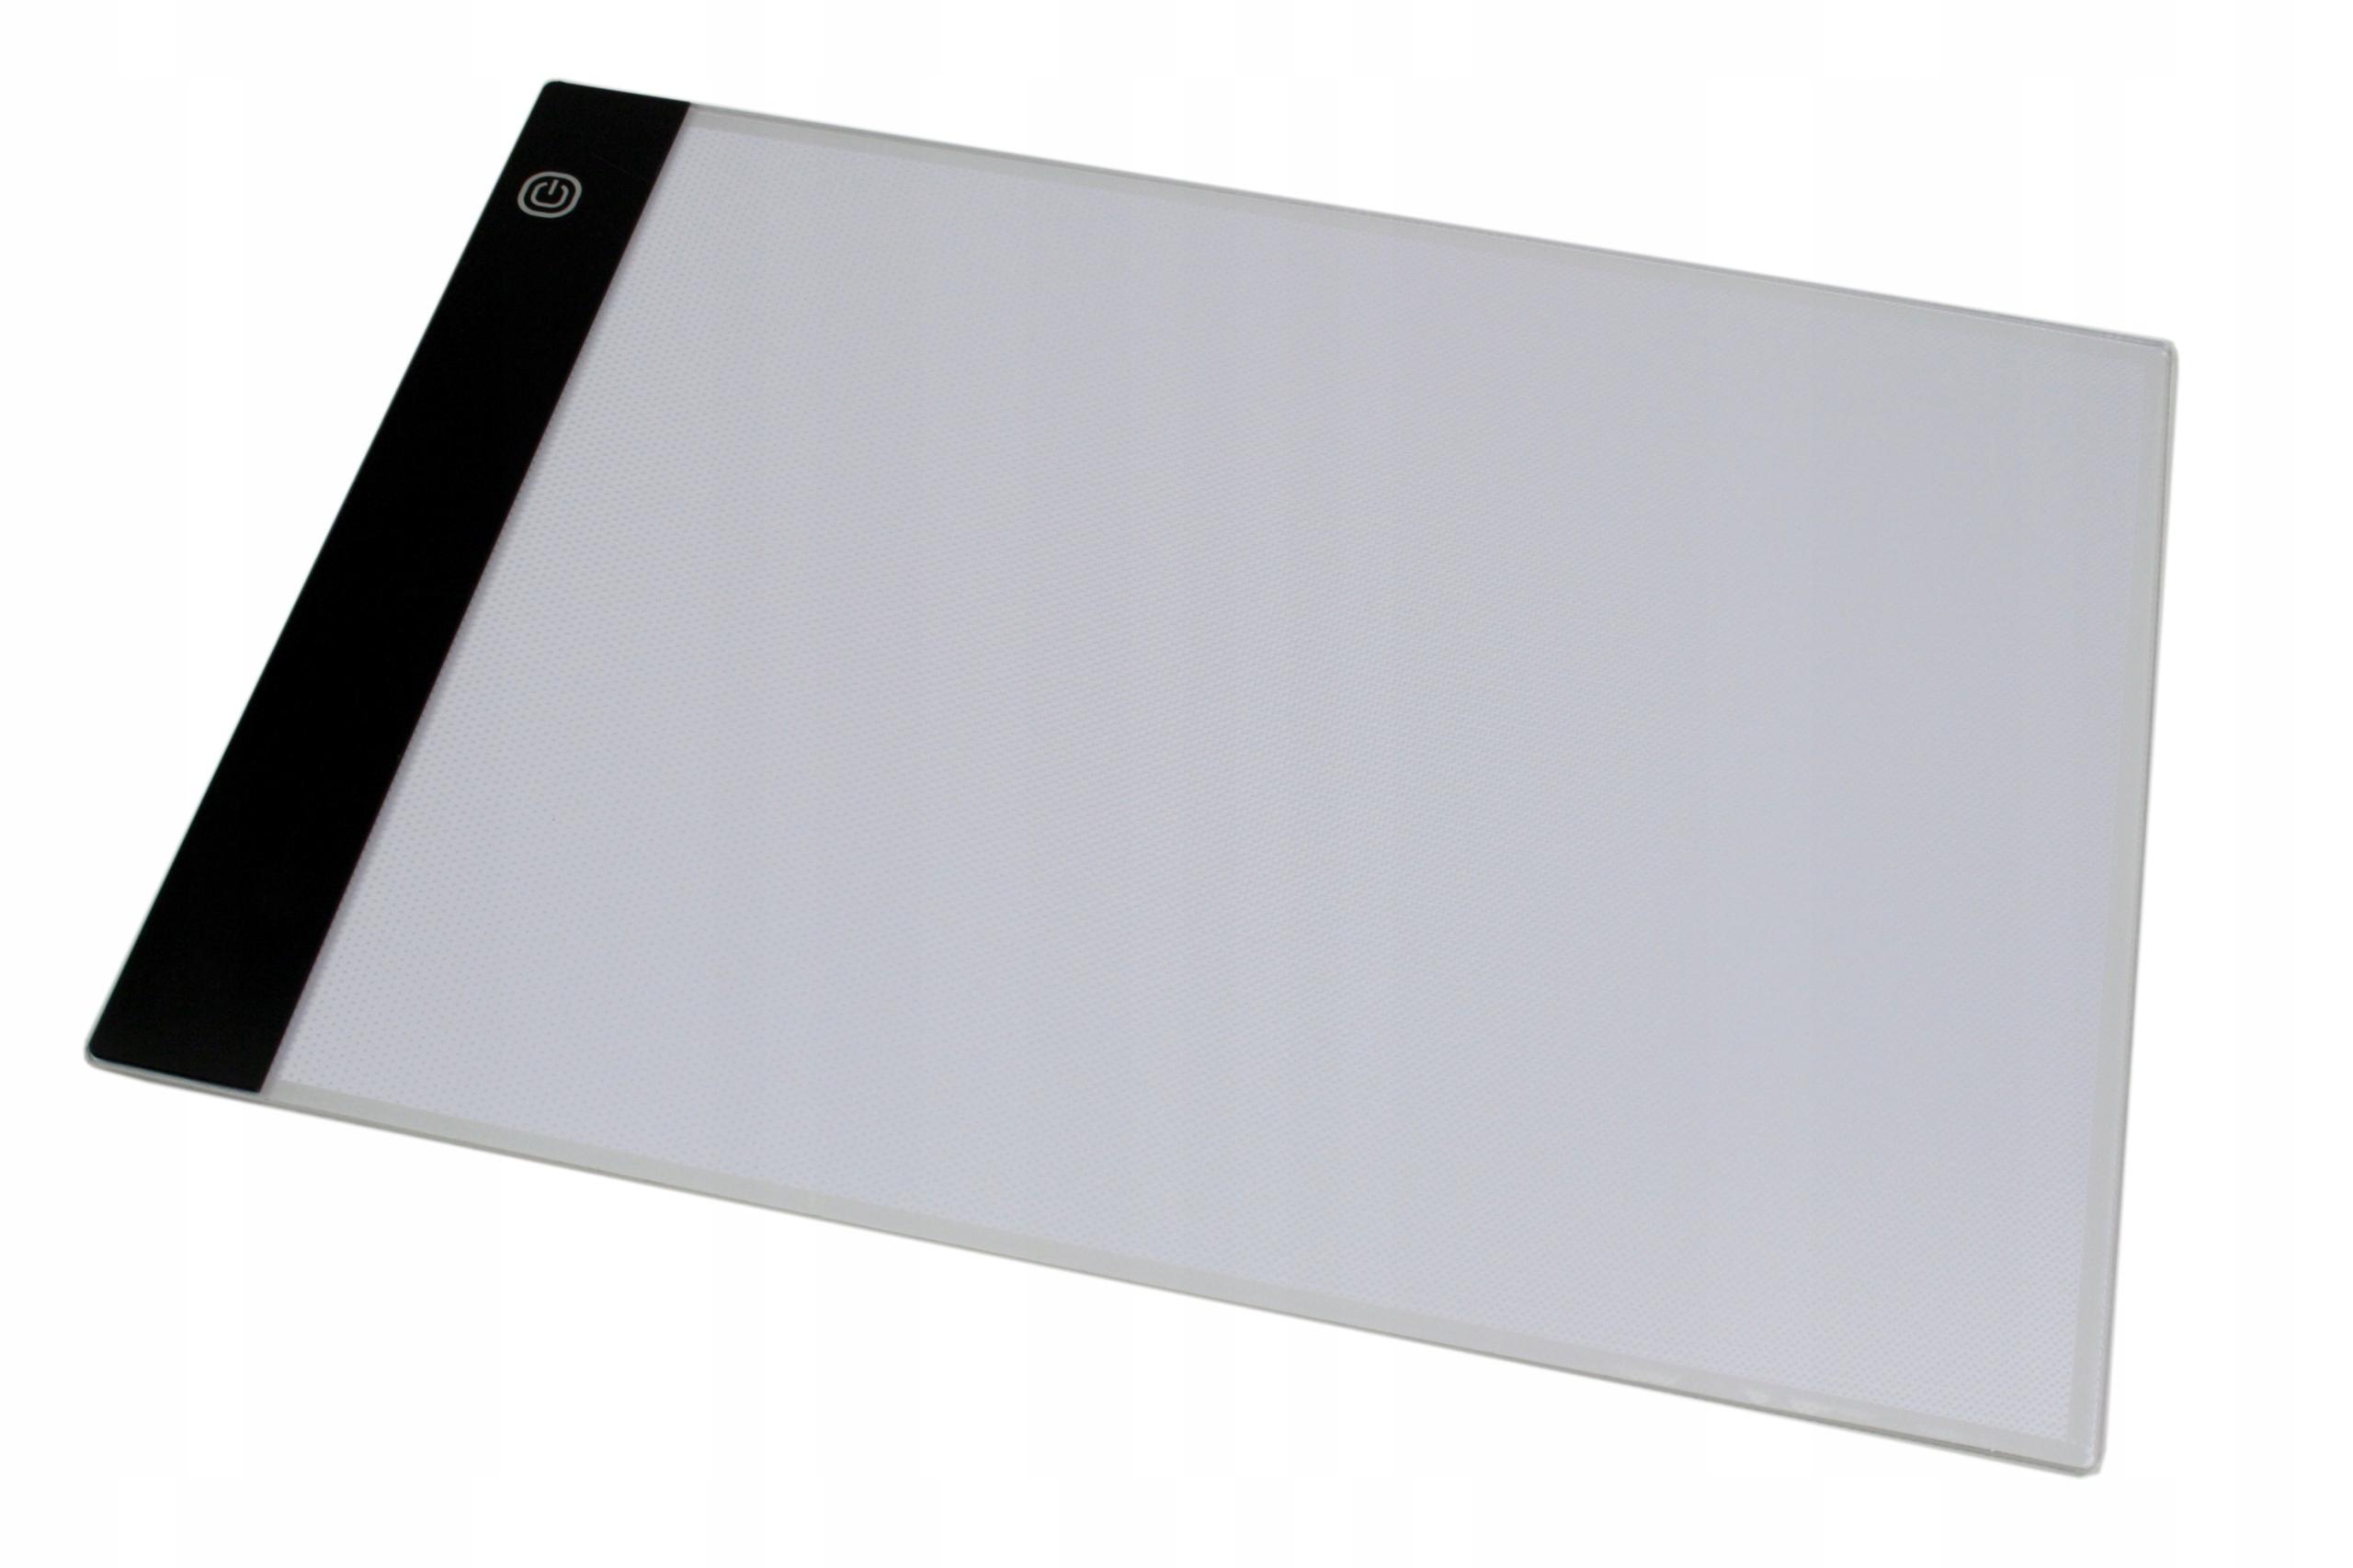 DESKA KREŚLARSKA LED A4 PODŚWIETLANA LIGHT PAD Z ZESTAWEM AKCESORIÓW - Akcesoria rtv agd